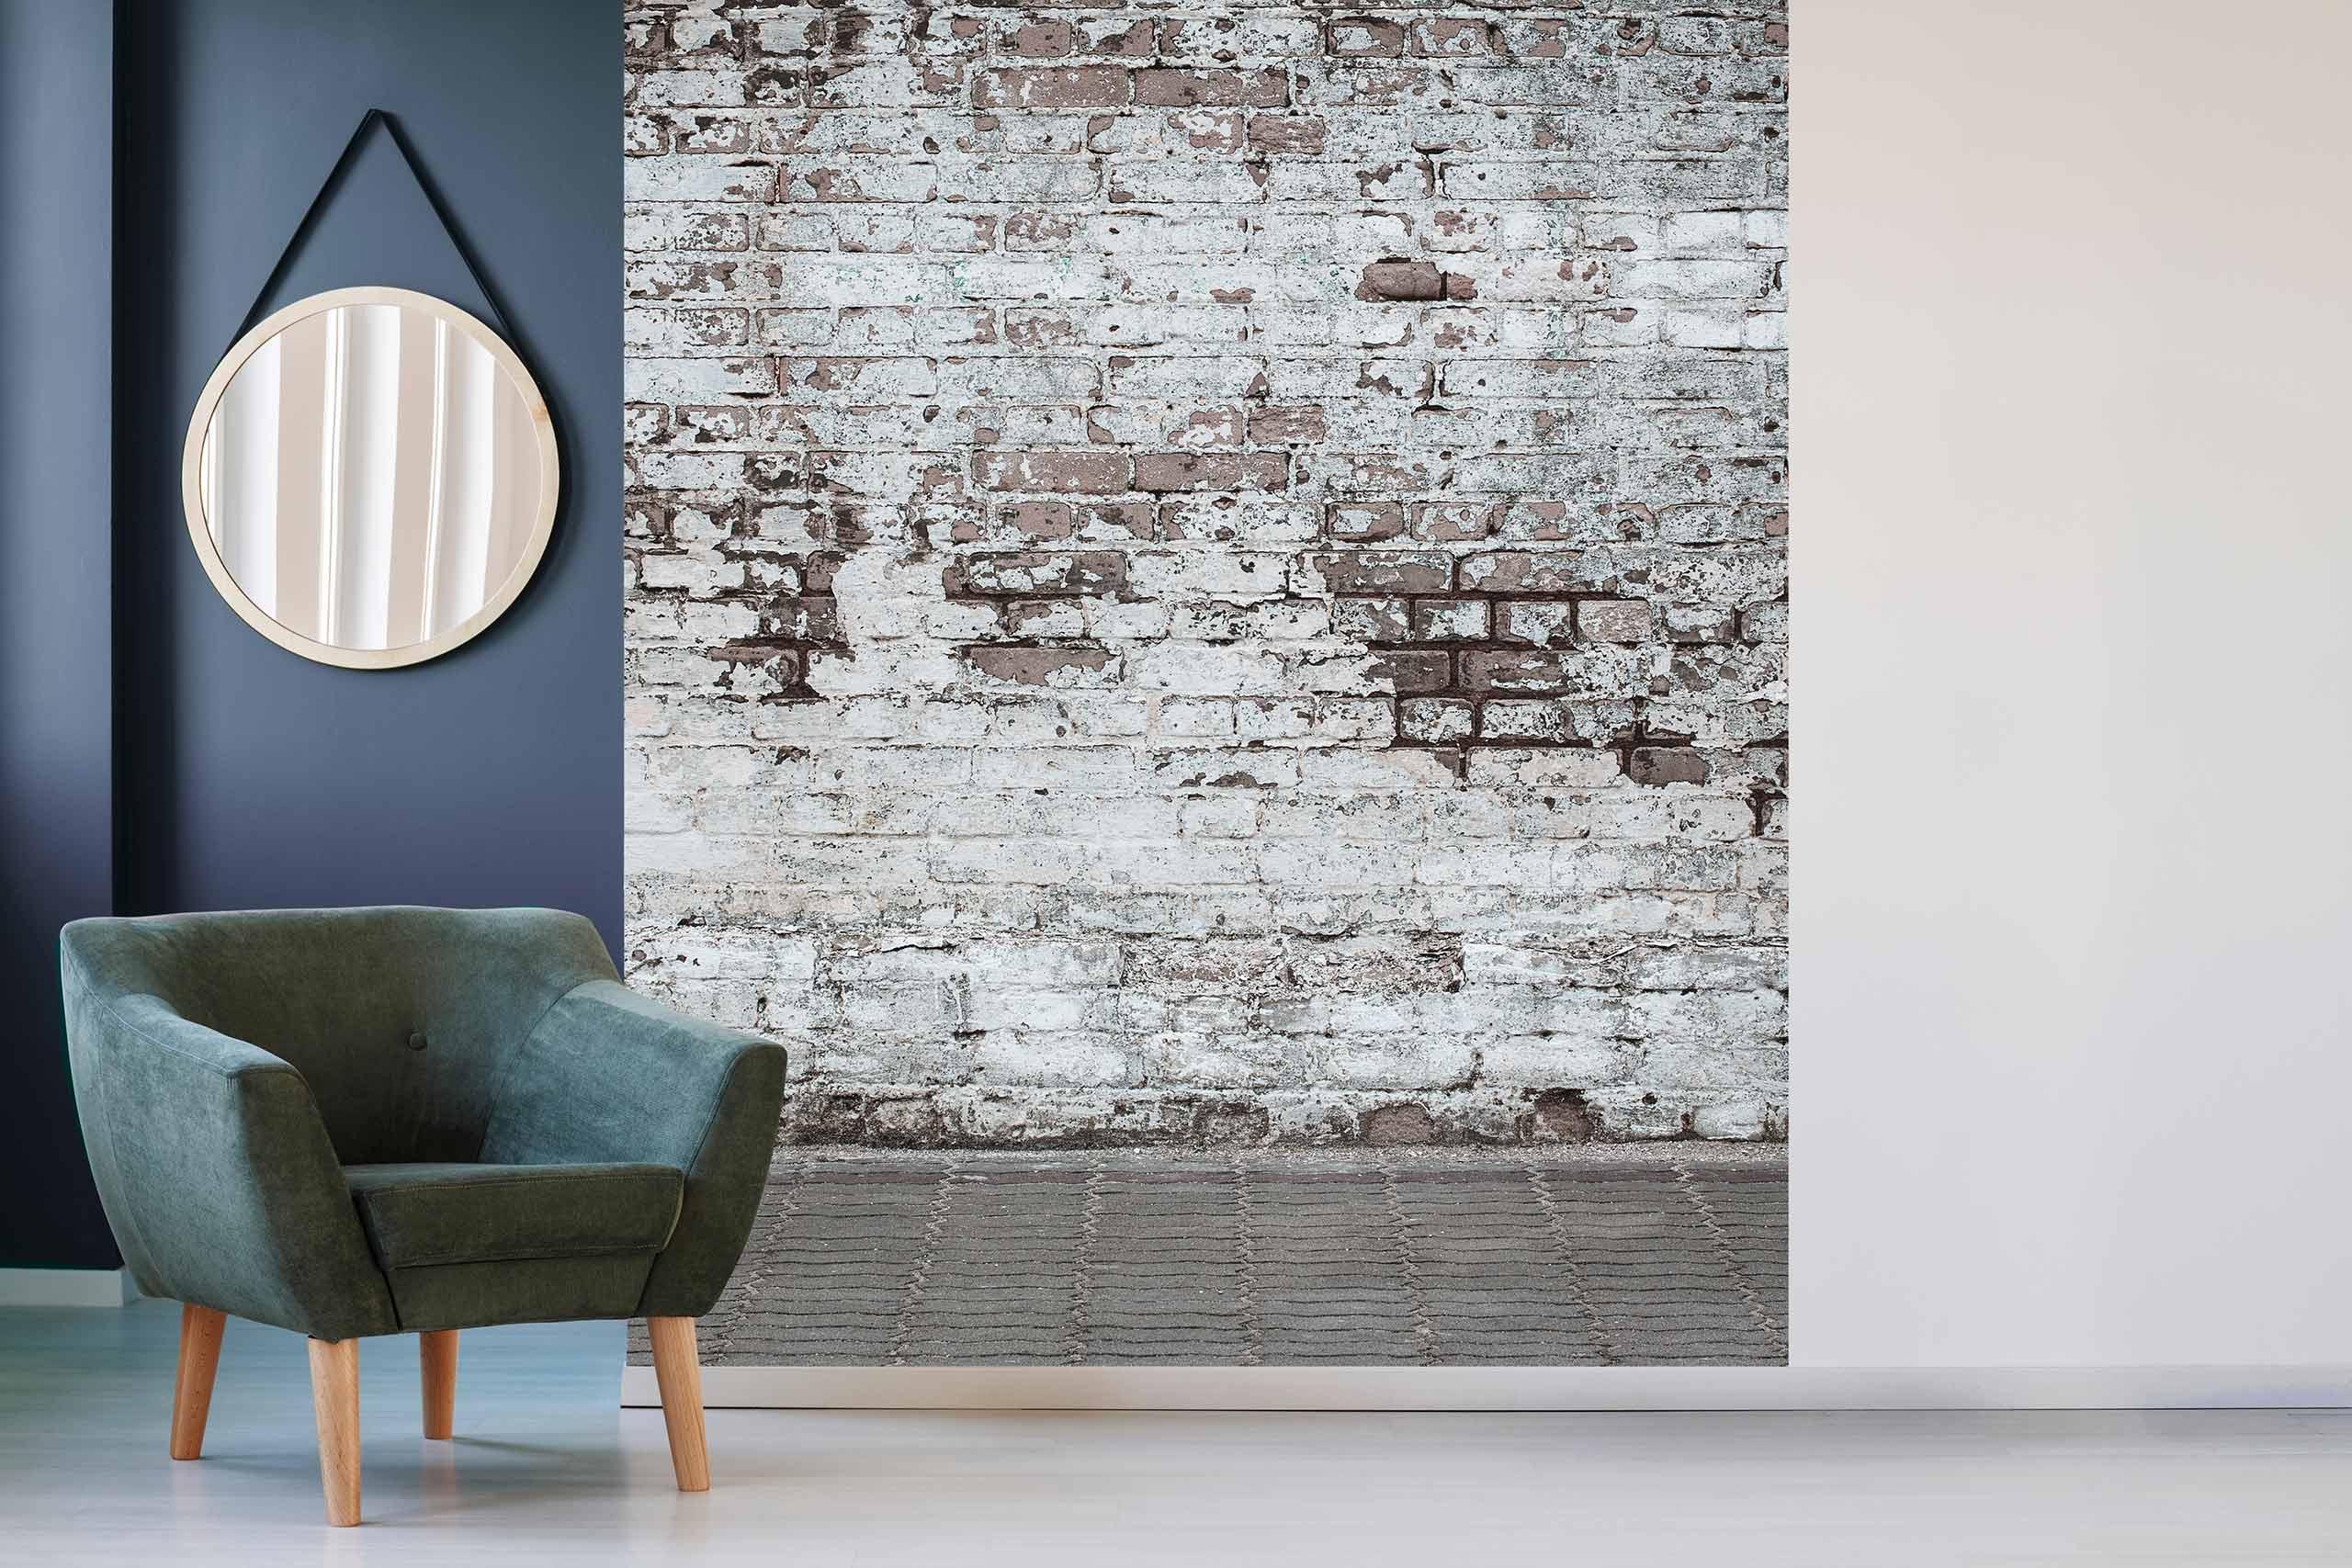 Vlies Tapete 225 Fototapete Höhe 250cm Motiv 123 Häuserwand